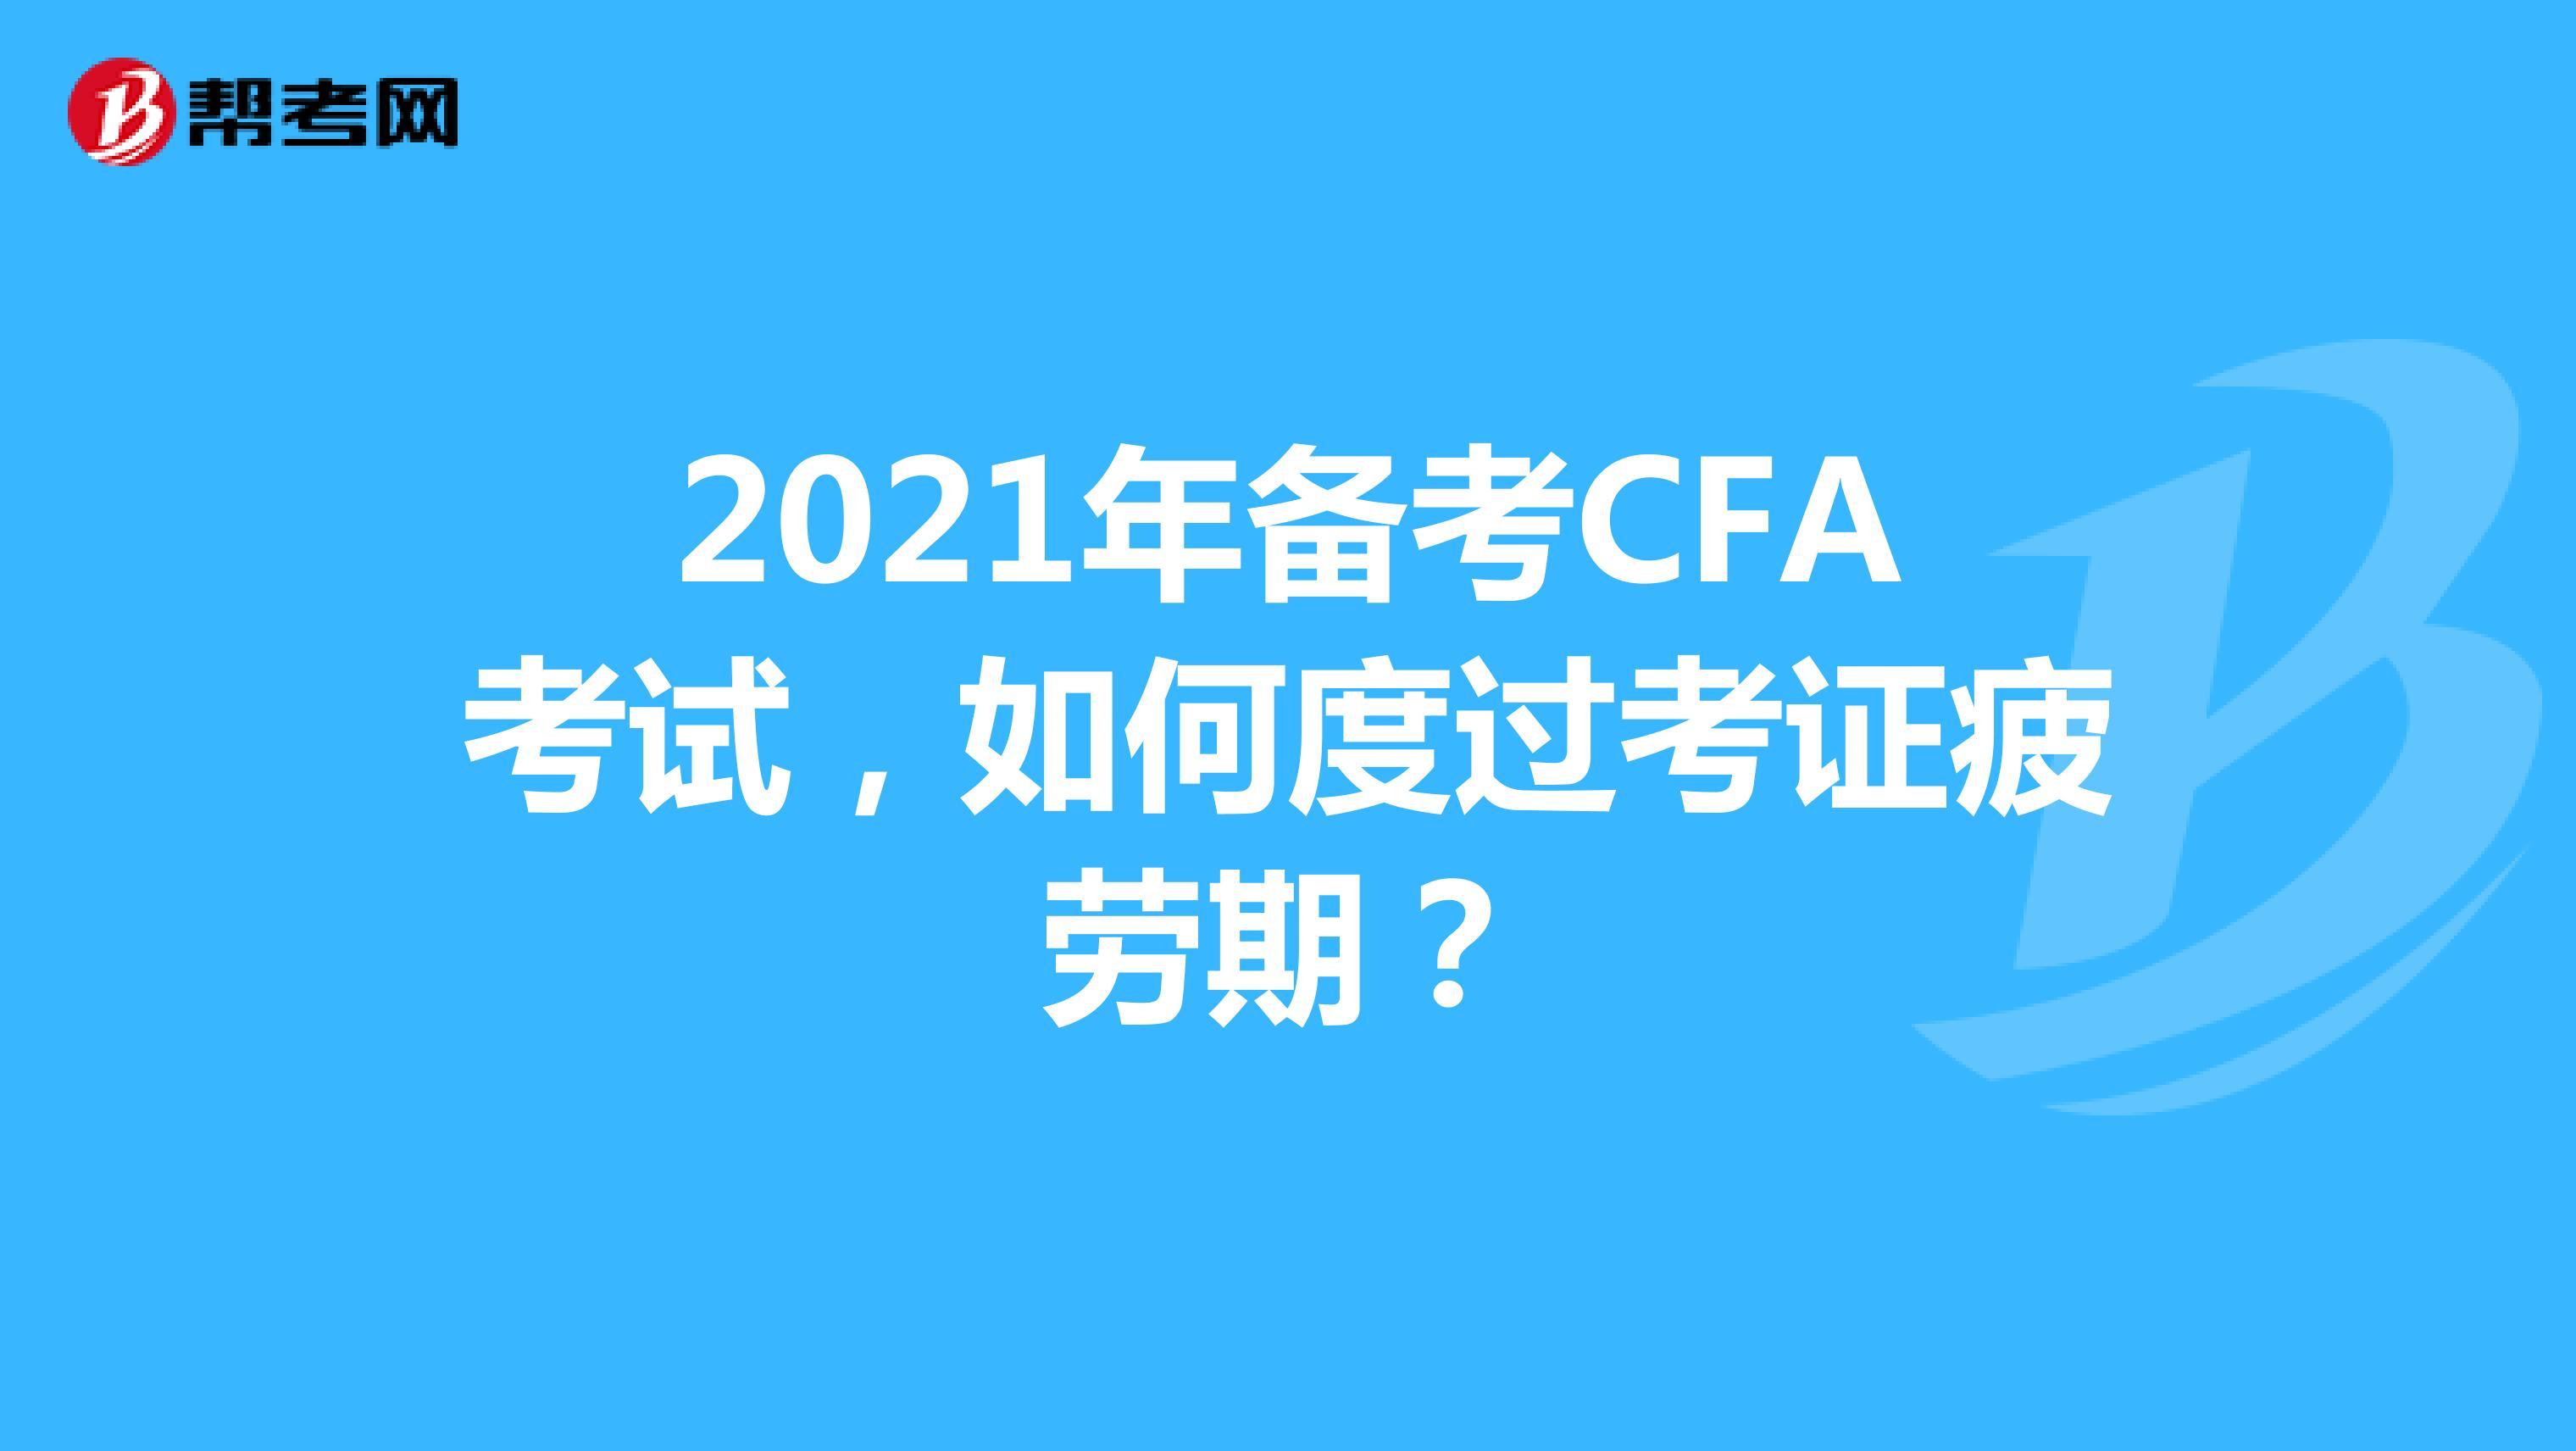 2021年备考CFA考试,如何度过考证疲劳期?